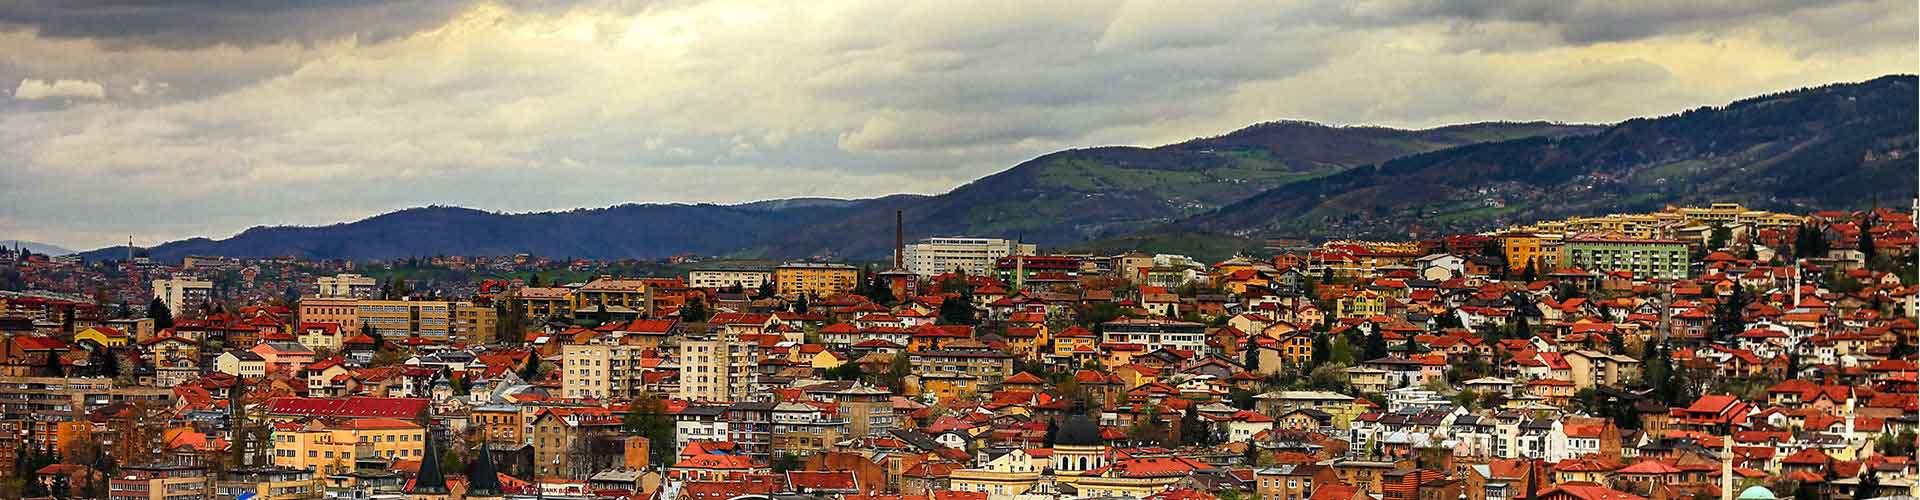 Sarajevo - Auberges de jeunesse à Sarajevo. Cartes pour Sarajevo, photos et commentaires pour chaque auberge de jeunesse à Sarajevo.